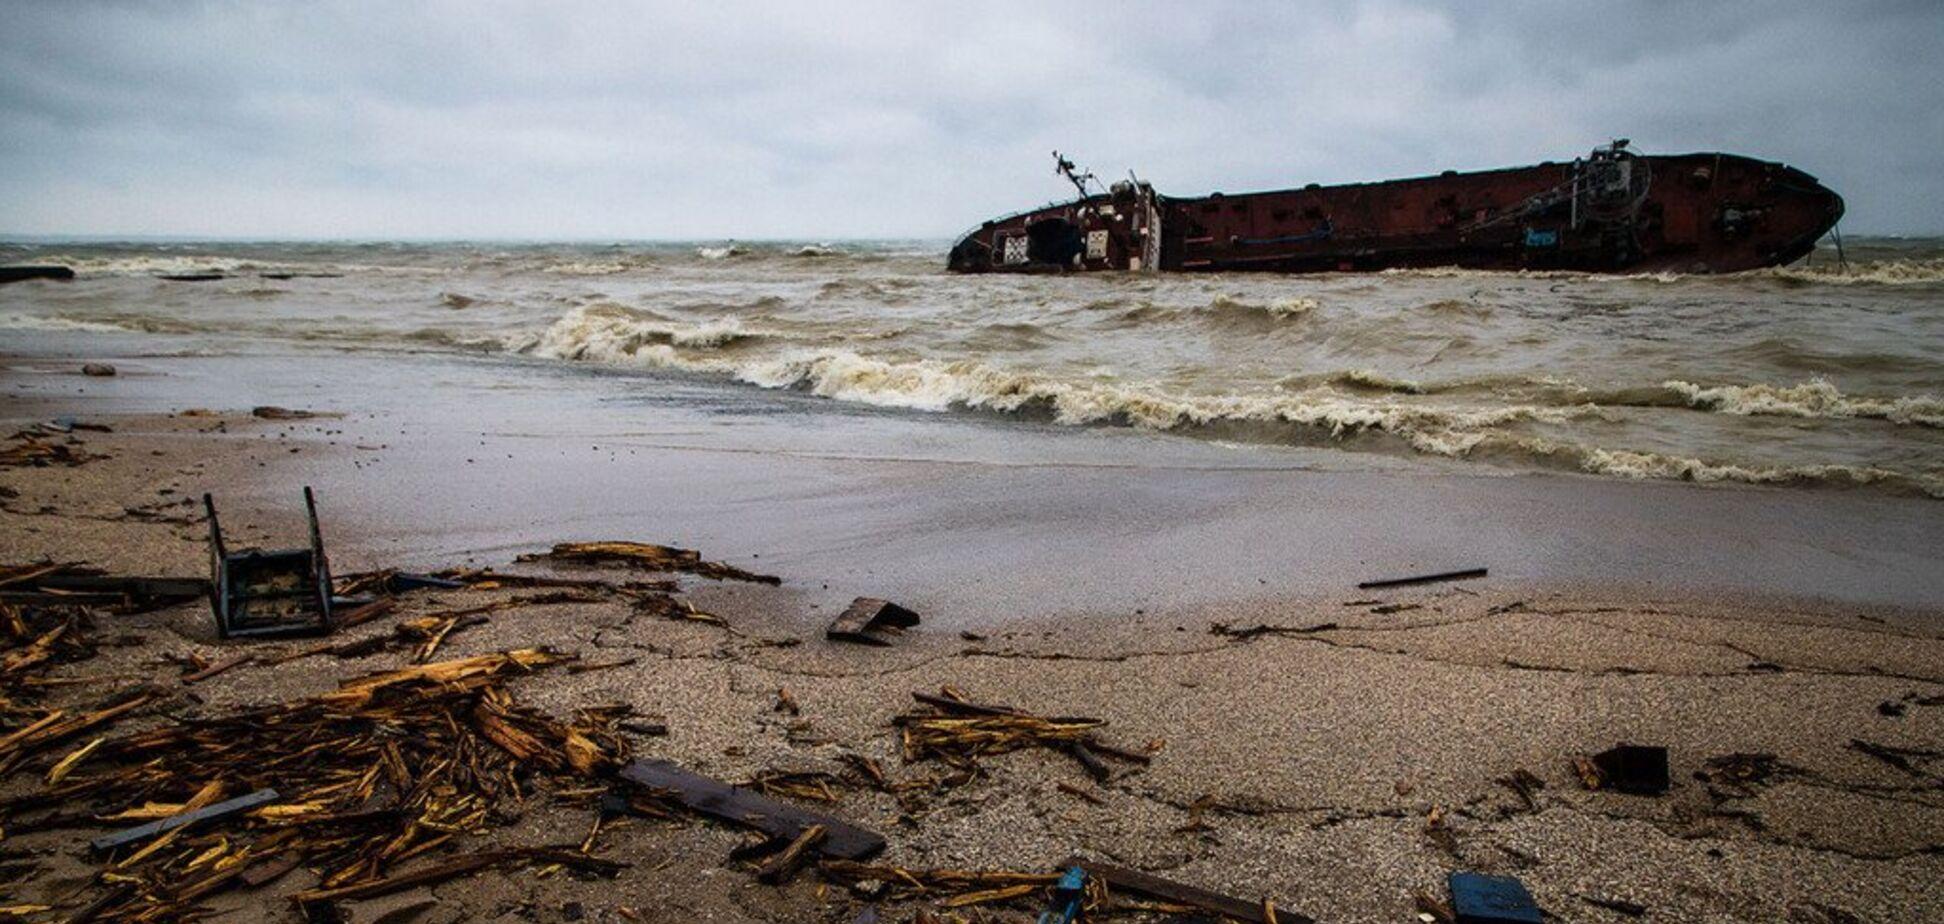 Фото з місця аварії танкера 'Делфі'